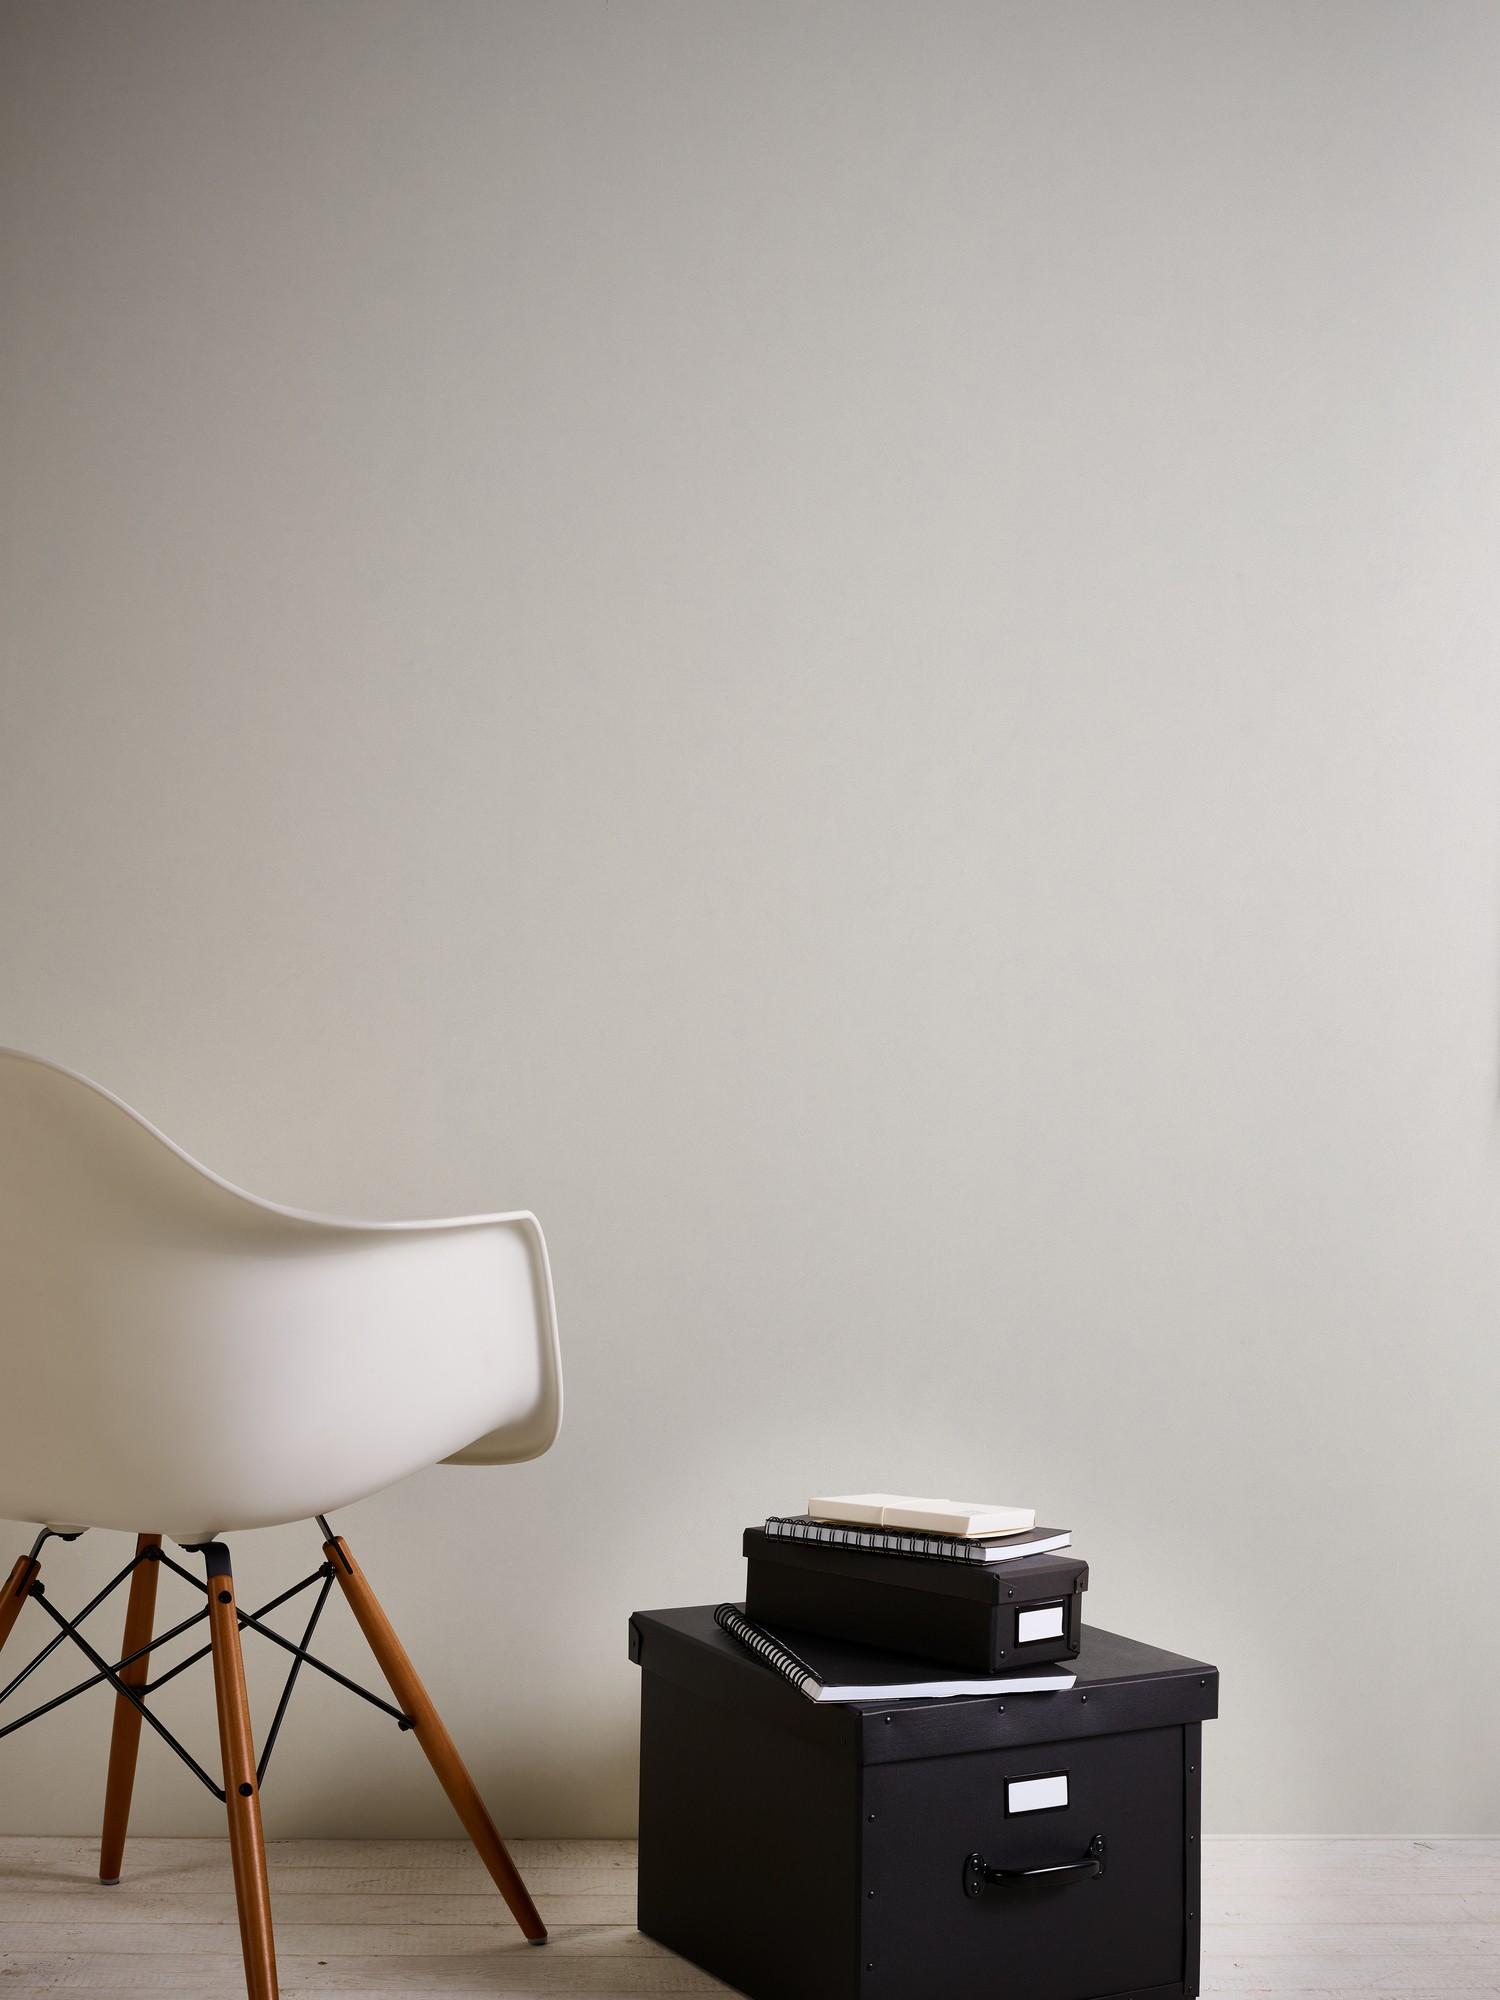 Binkele-grosshandel-farben-tapeten-ascretion-372691